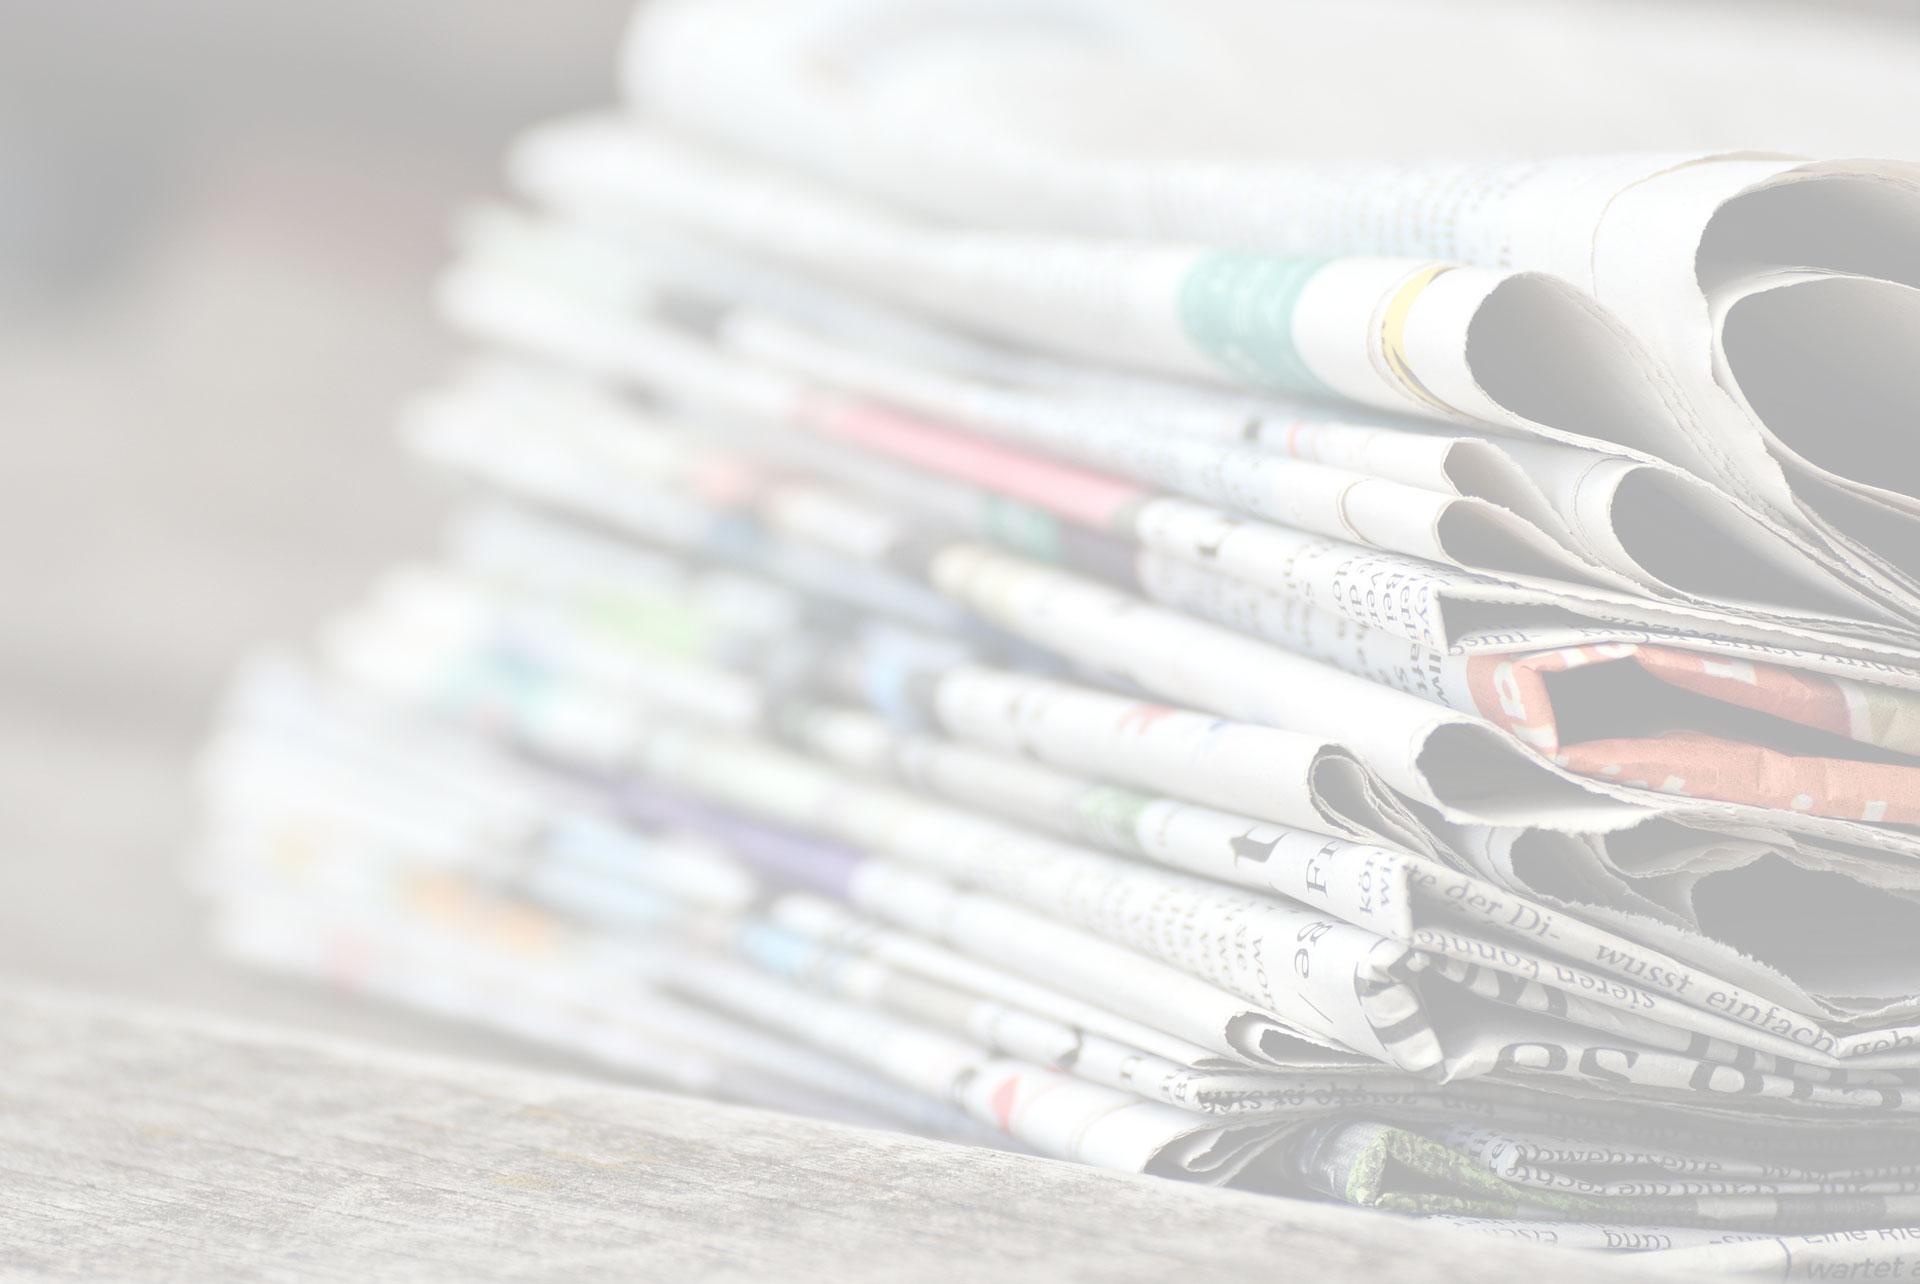 L'Aquila (Abruzzo)